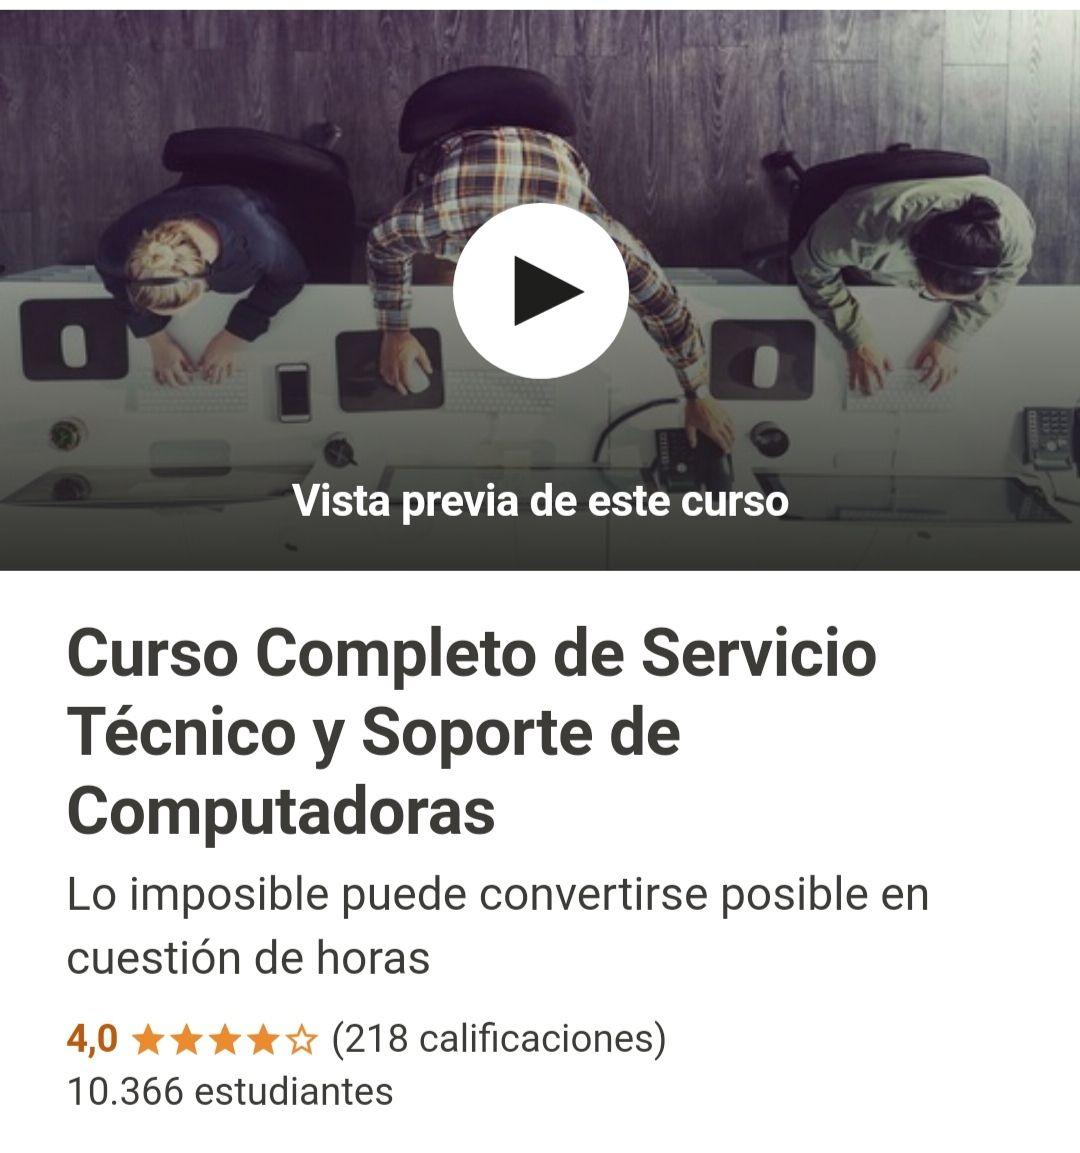 Udemy: Curso Completo de Servicio Técnico y Soporte de Computadoras